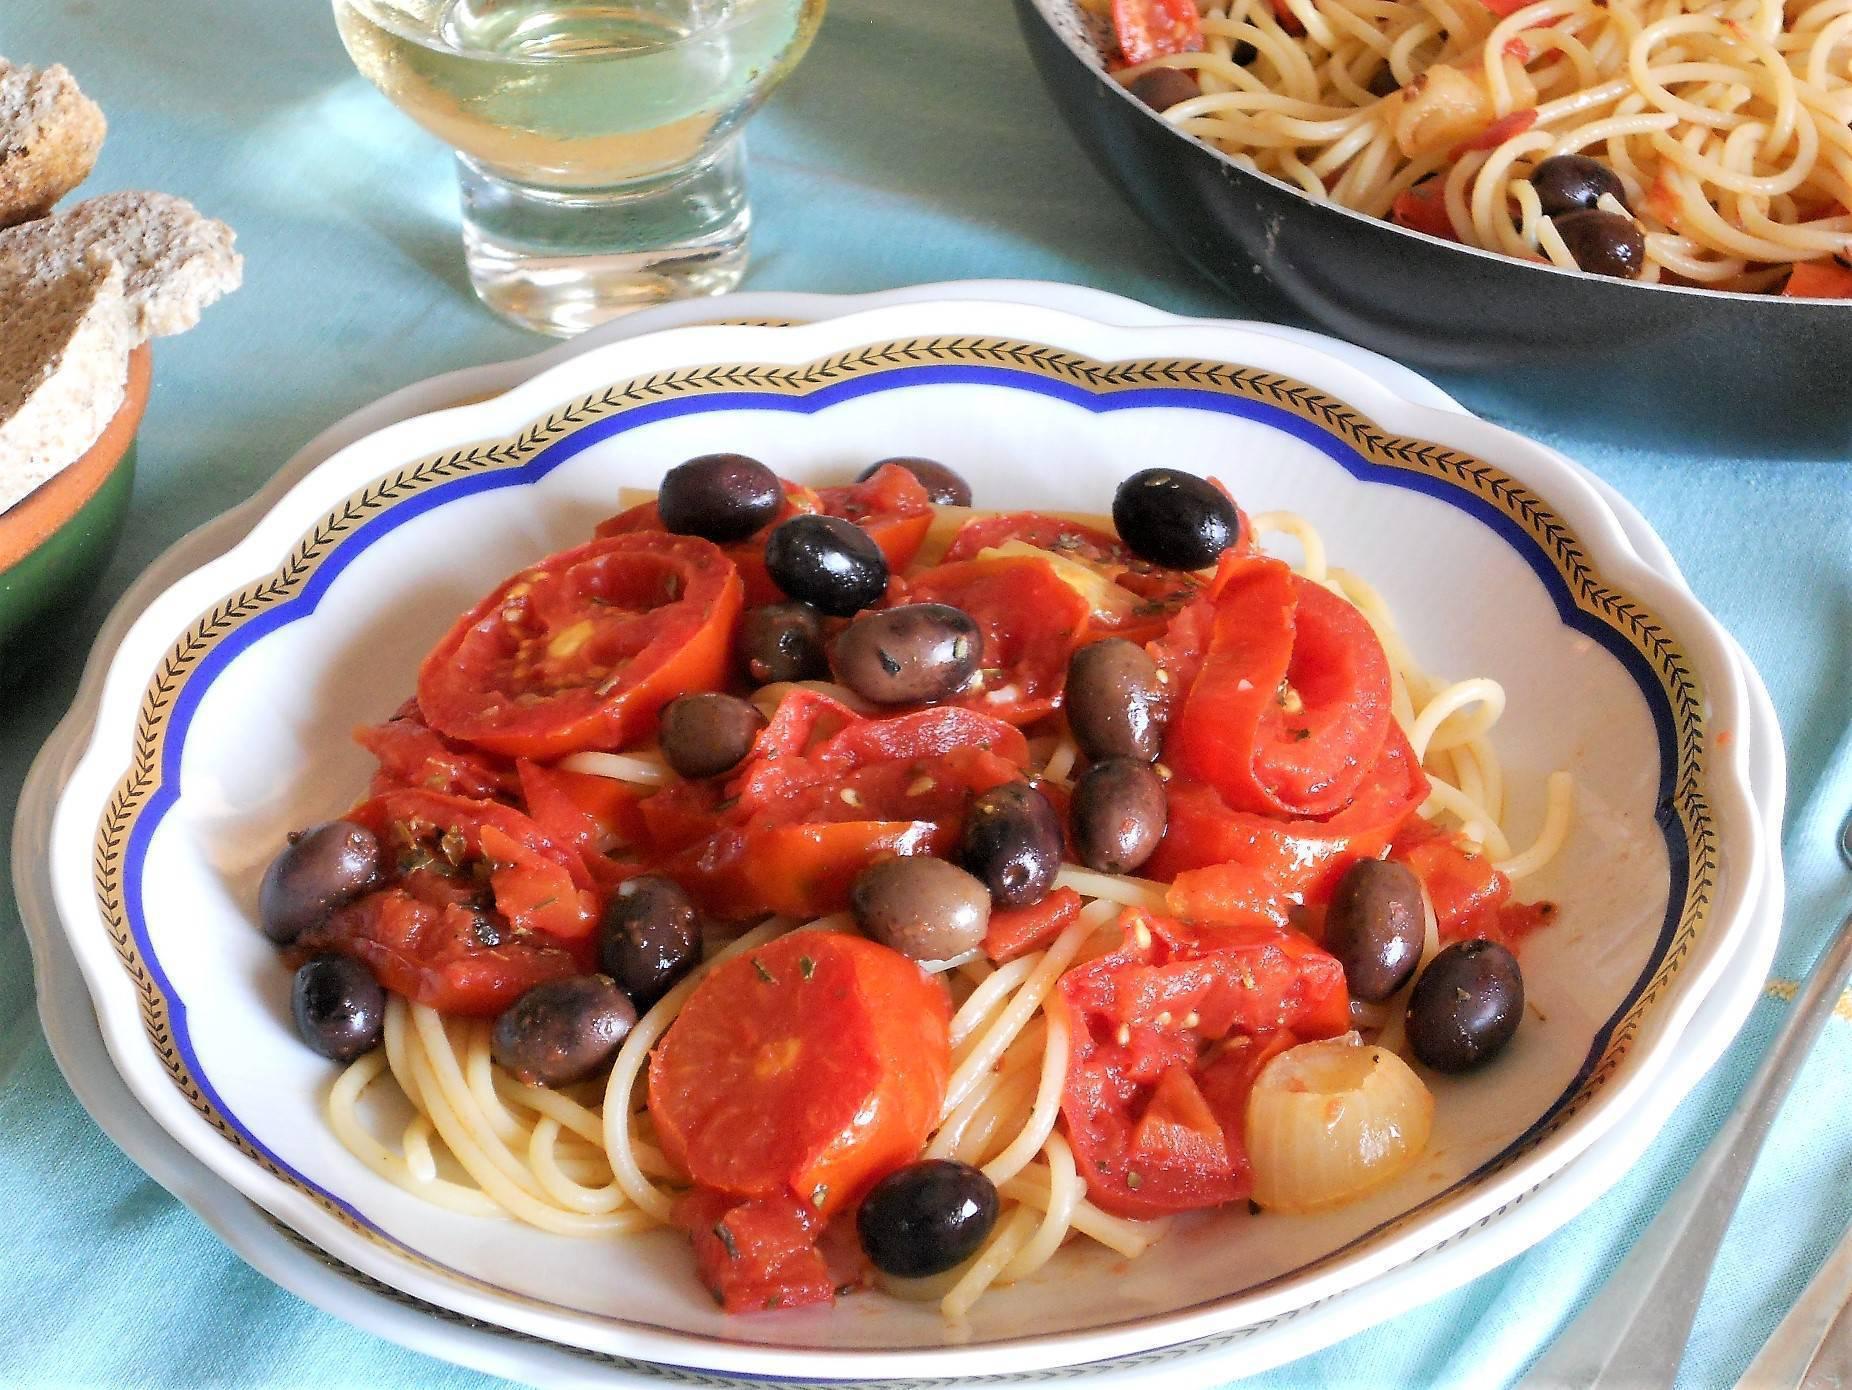 Spaghetti con rondelle di pomodori e cipollotti